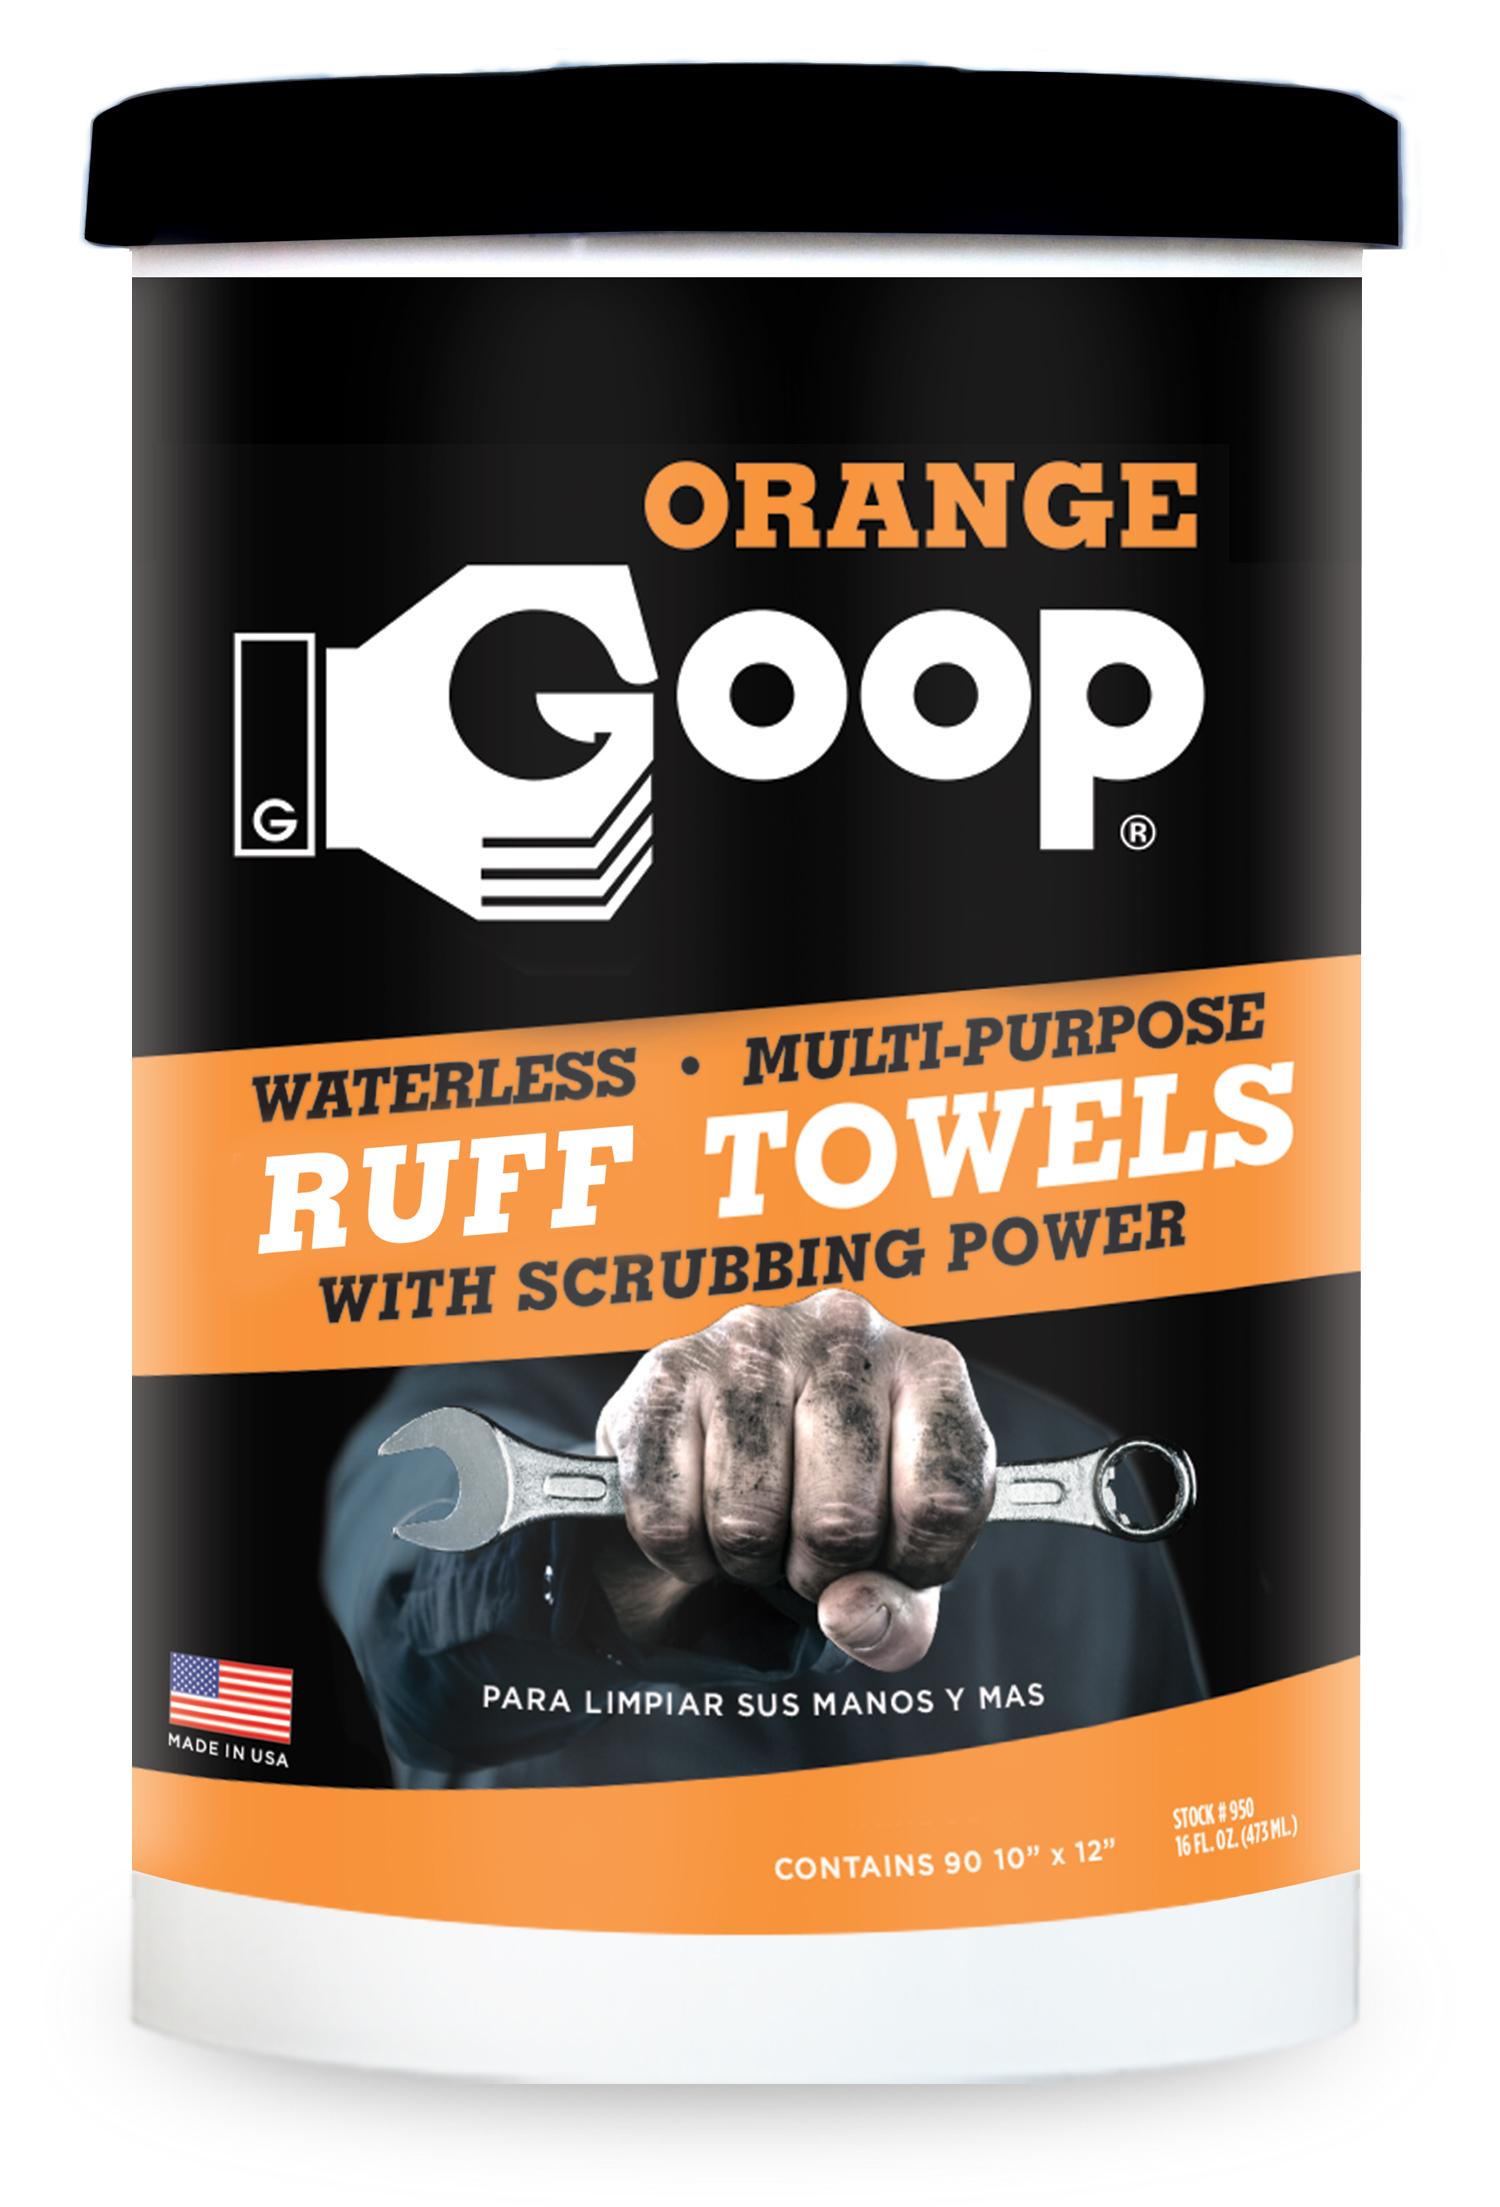 Moms-Goop-Towels-950-OrangeTowels90ct.jpg